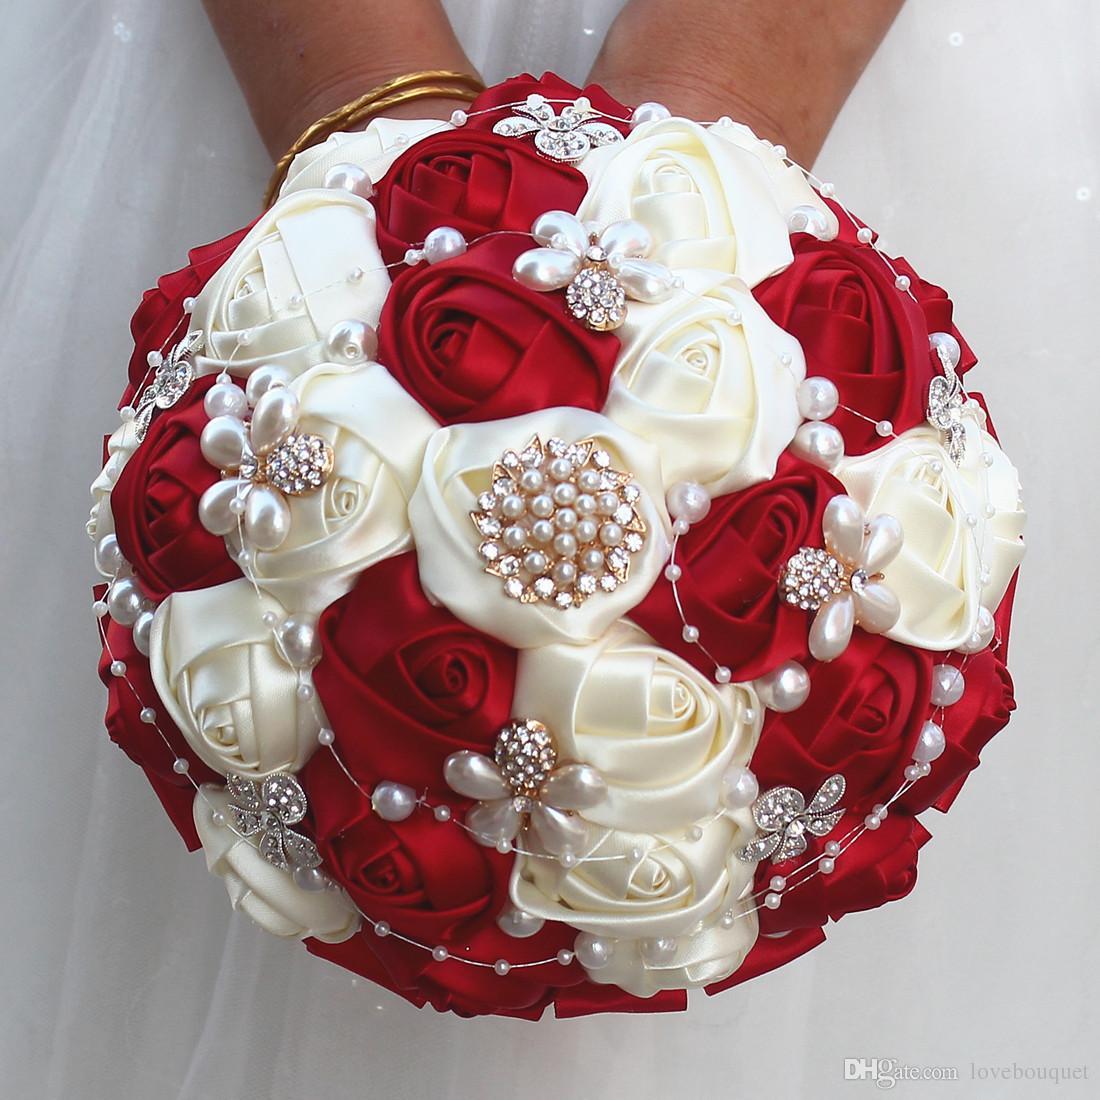 Acheter 18cm Rose Rouge Soie Rose Bouquet De Mariage Strass Perle Bouquet De Mariee Ruban Blanc Mariage Bouquet De Demoiselle D Honneur De 30 16 Du